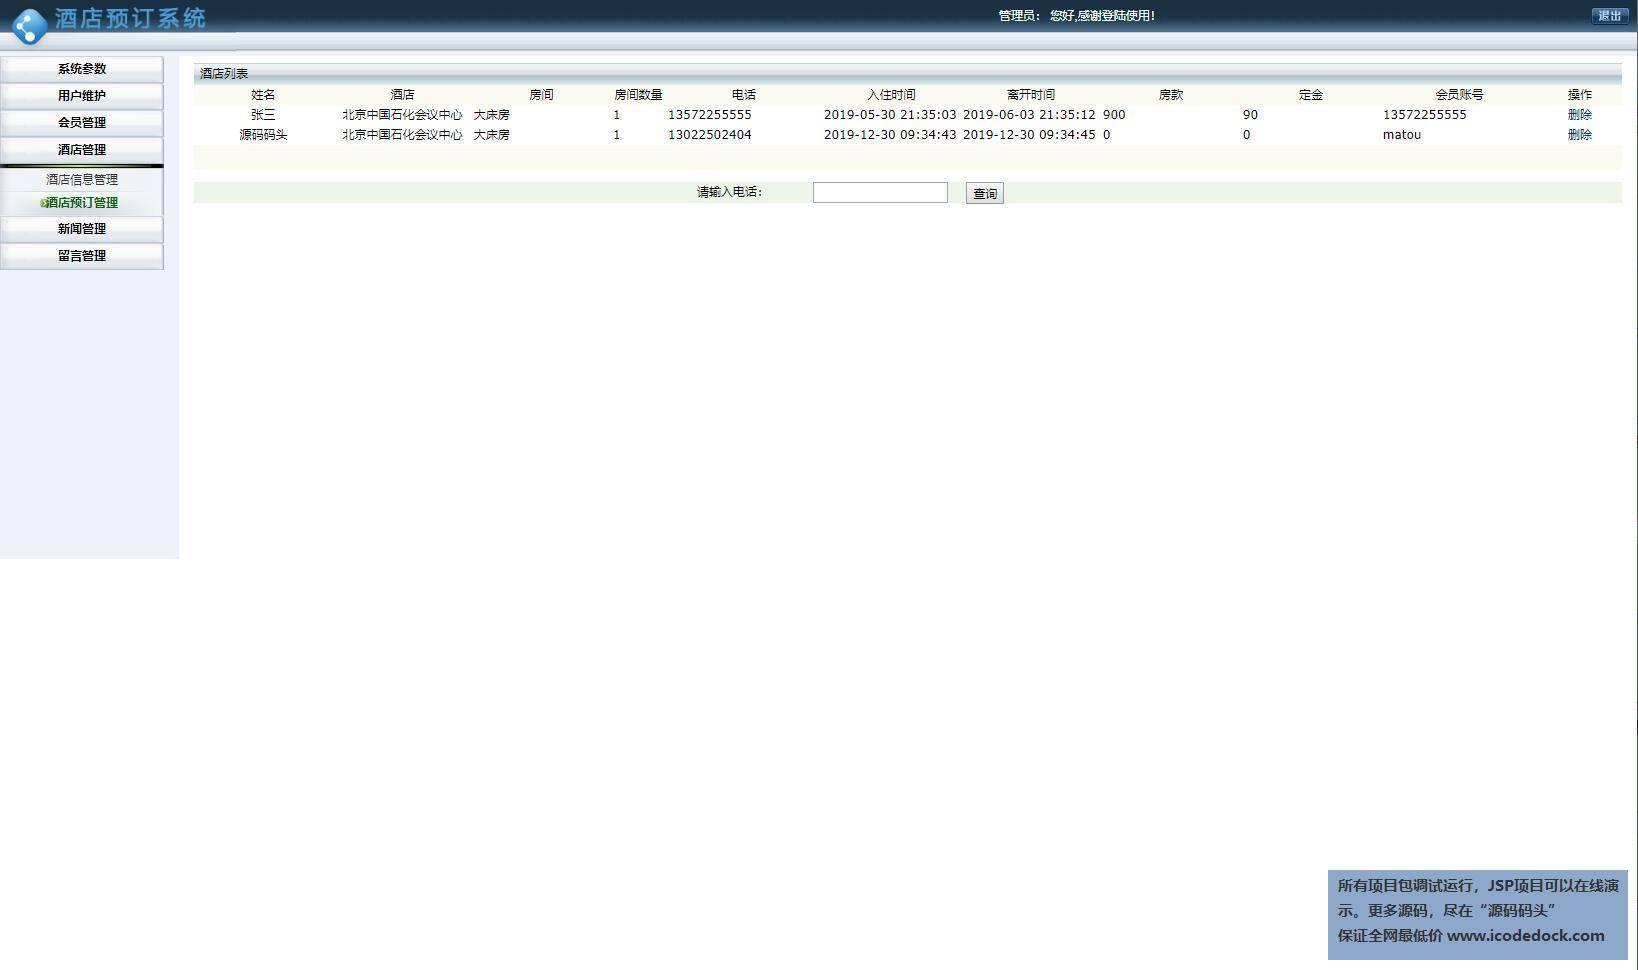 源码码头-JSP酒店预定管理系统-管理员角色-酒店预定管理